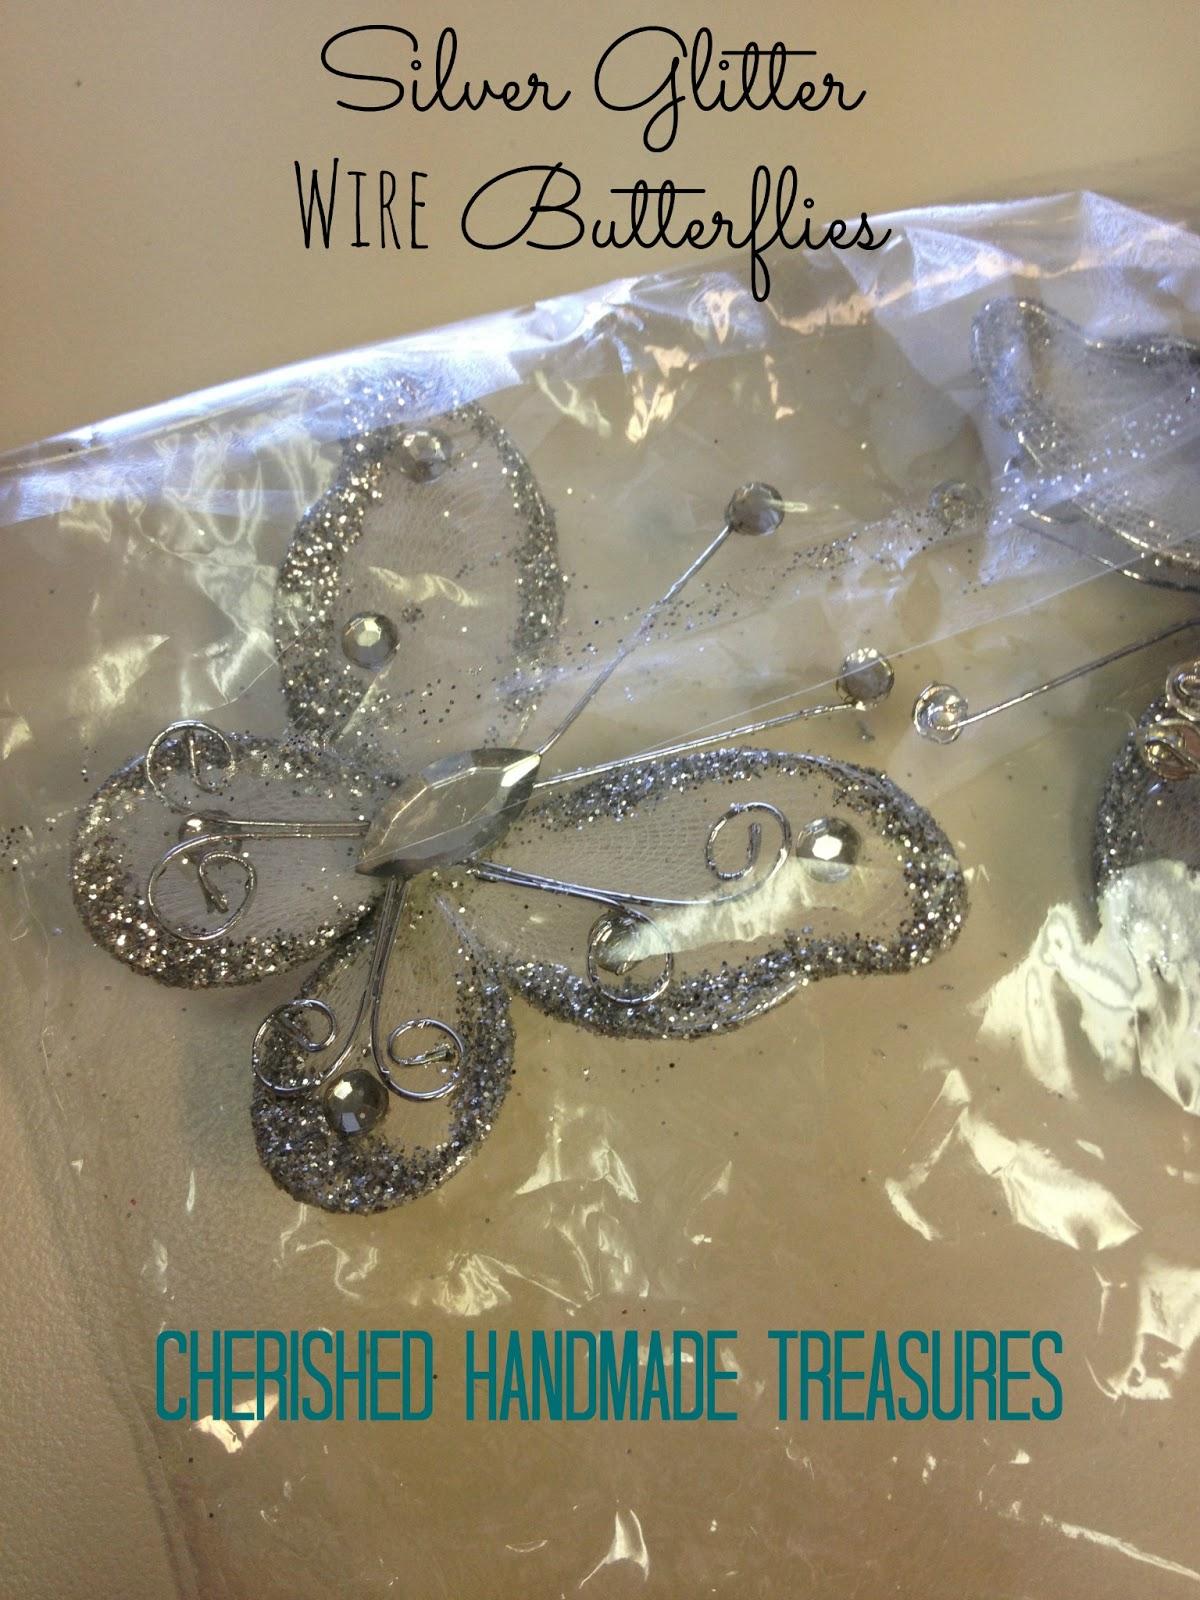 Cherished Handmade Treasures